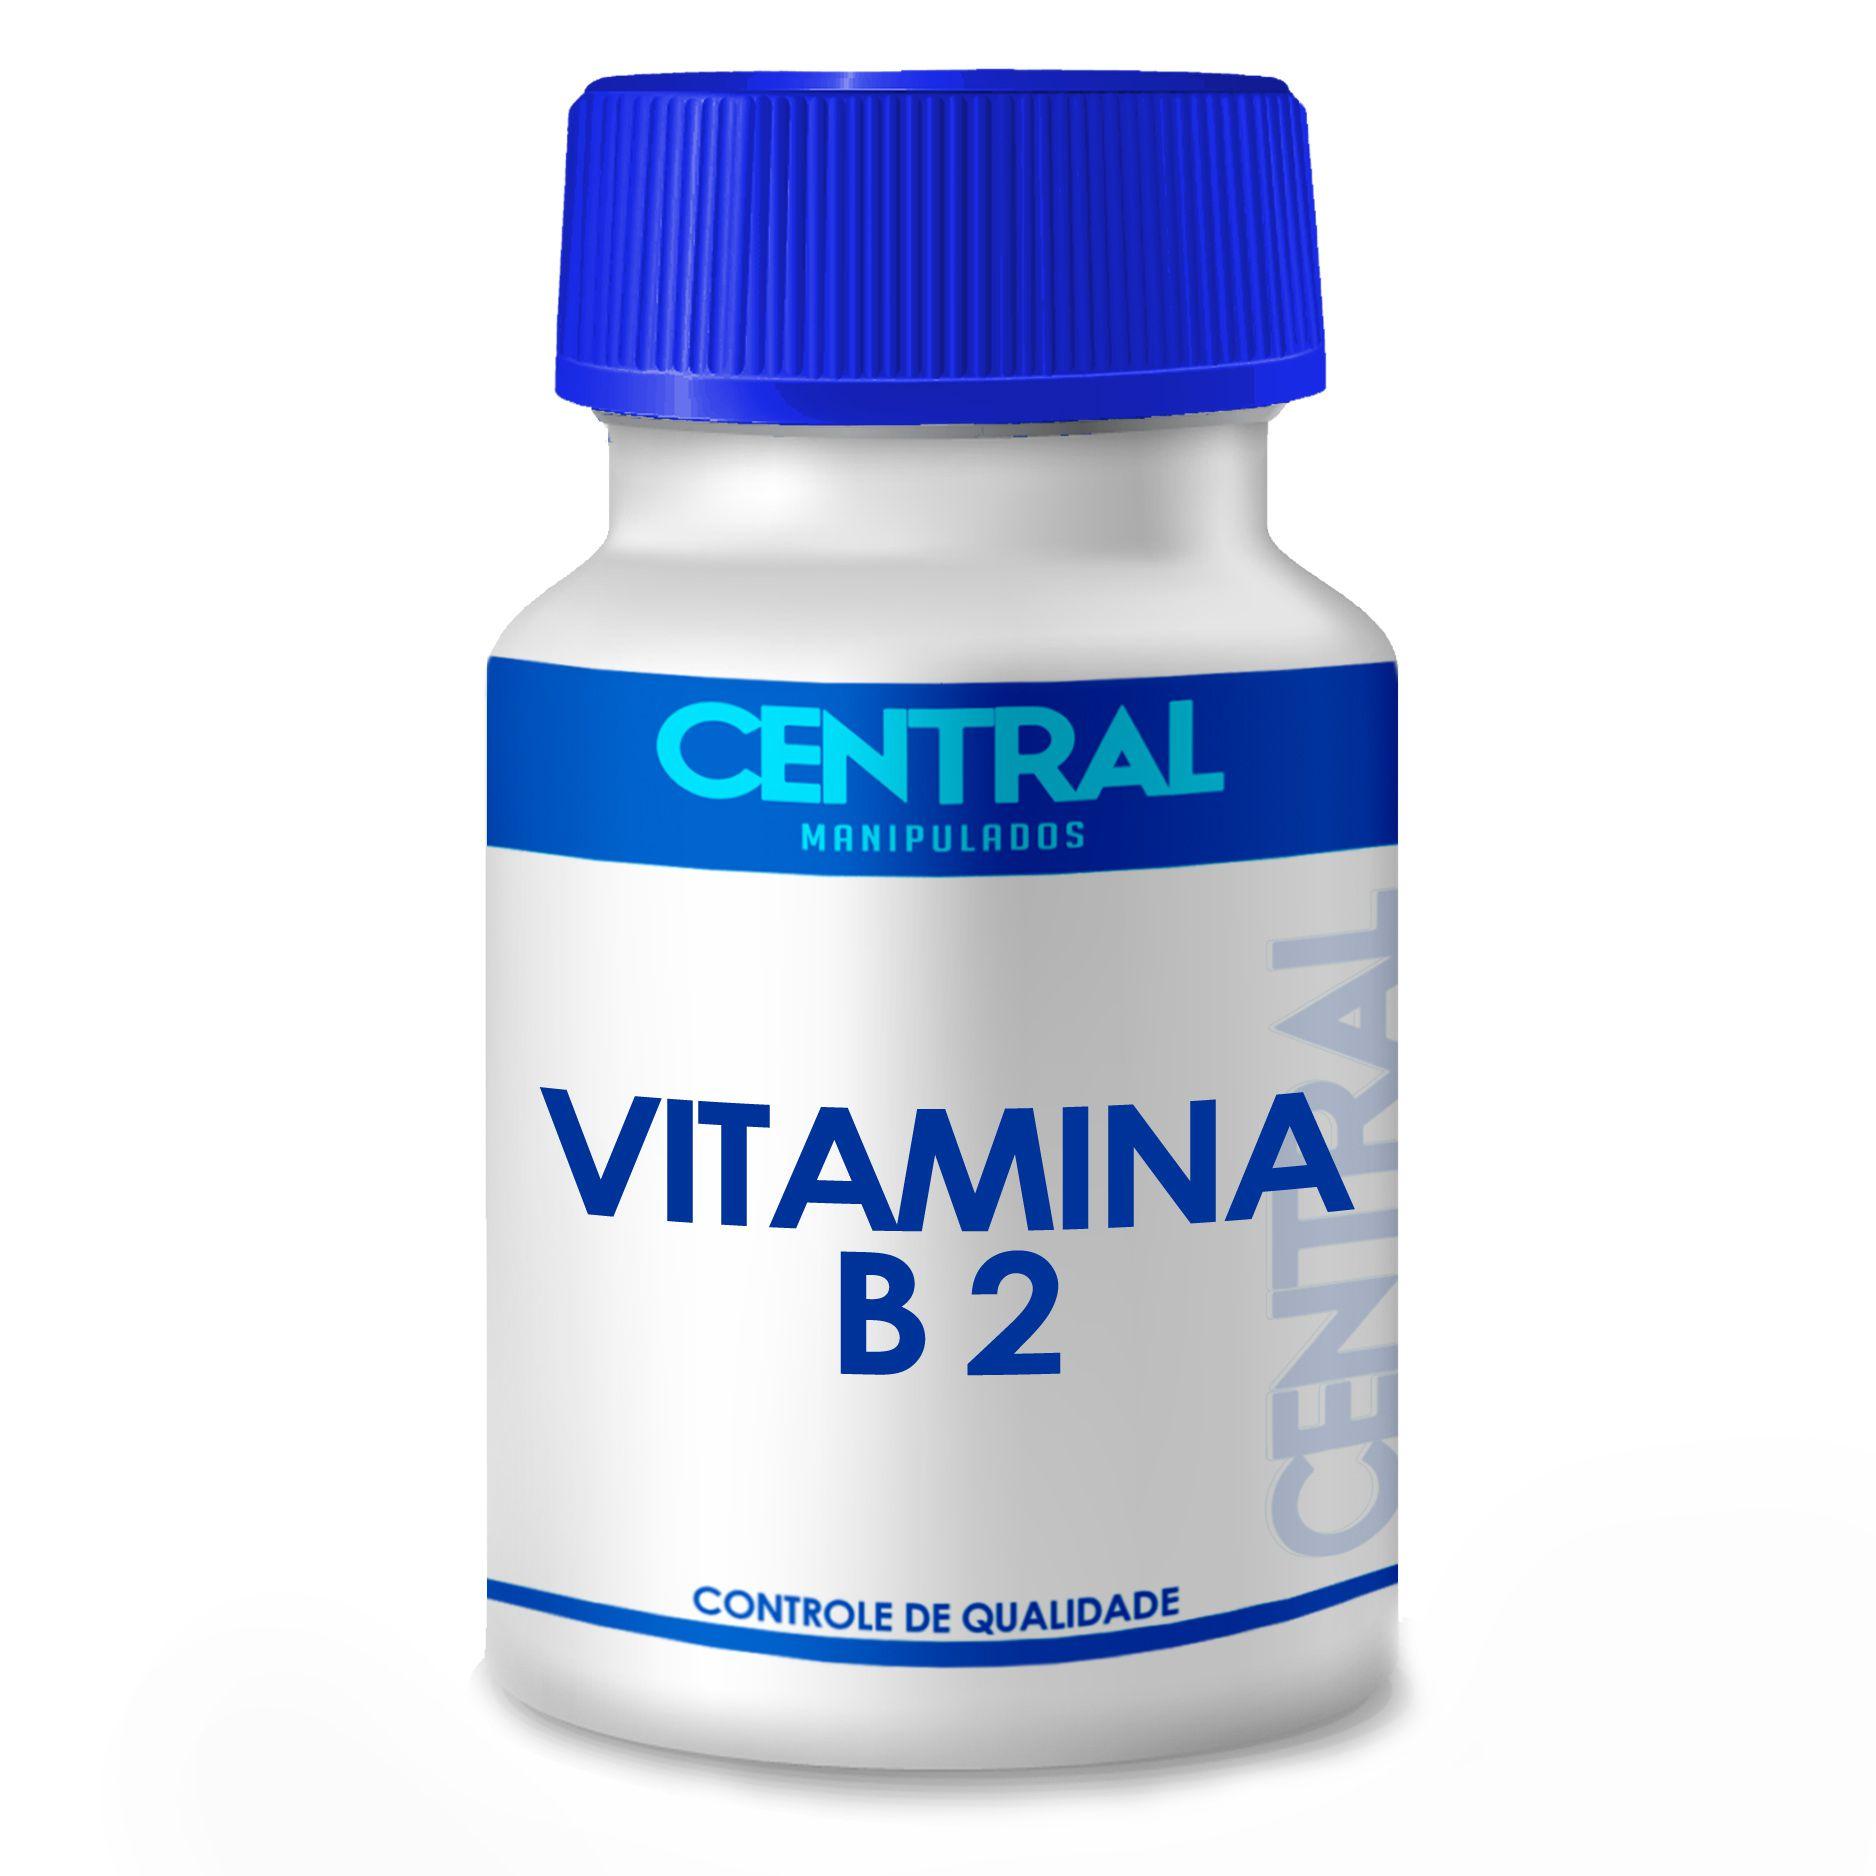 Vitamina B2 250mg  180 cápsulas - Riboflavina - Indicada nos esportes de alta performance, na hemodiálise crônica e na inflamação crônica do intestino